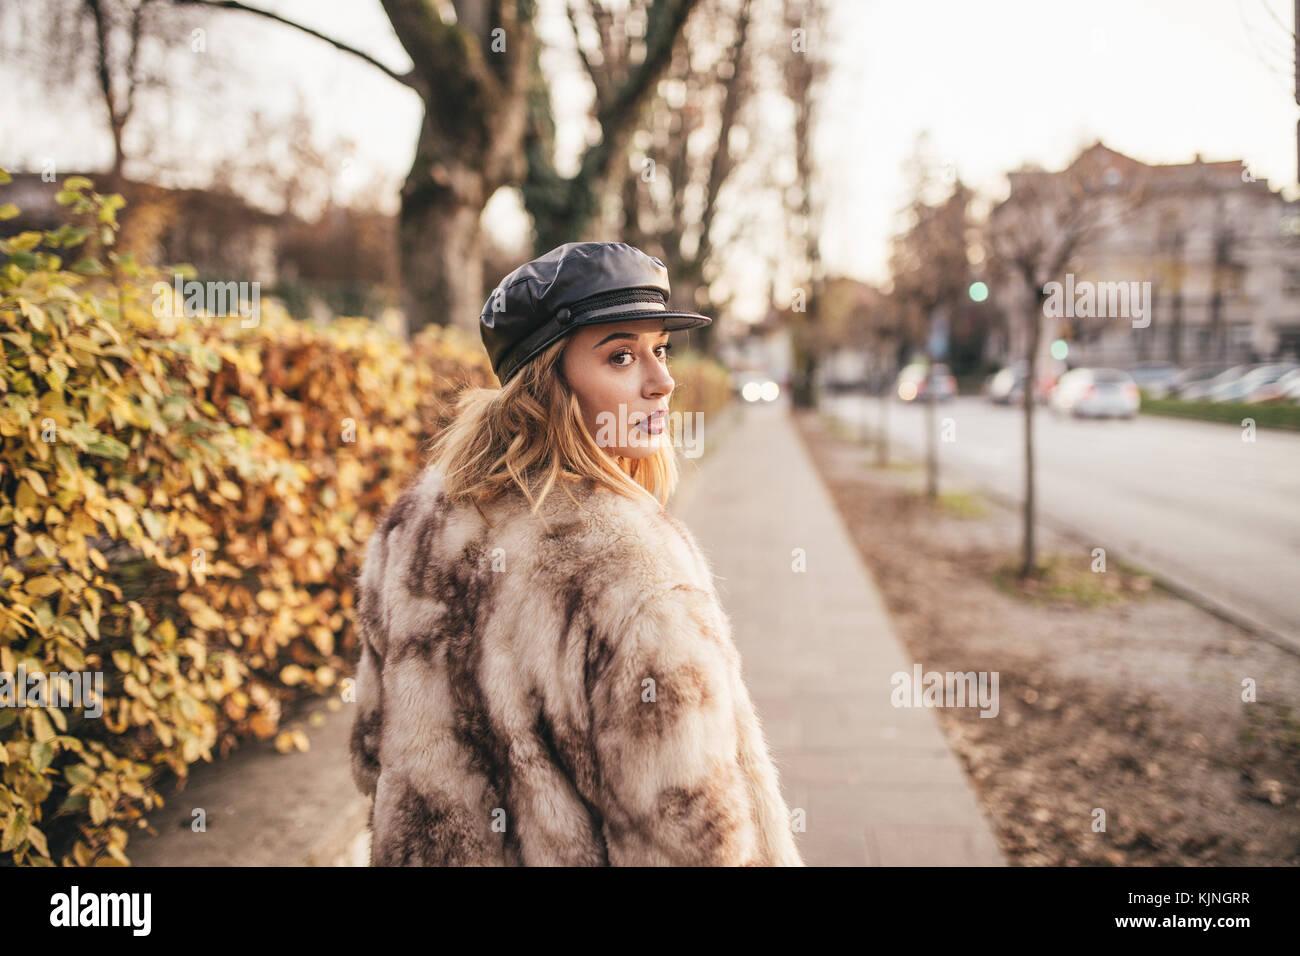 Hermosa niña vistiendo pieles y montando su bicicleta en las calles de la ciudad Imagen De Stock